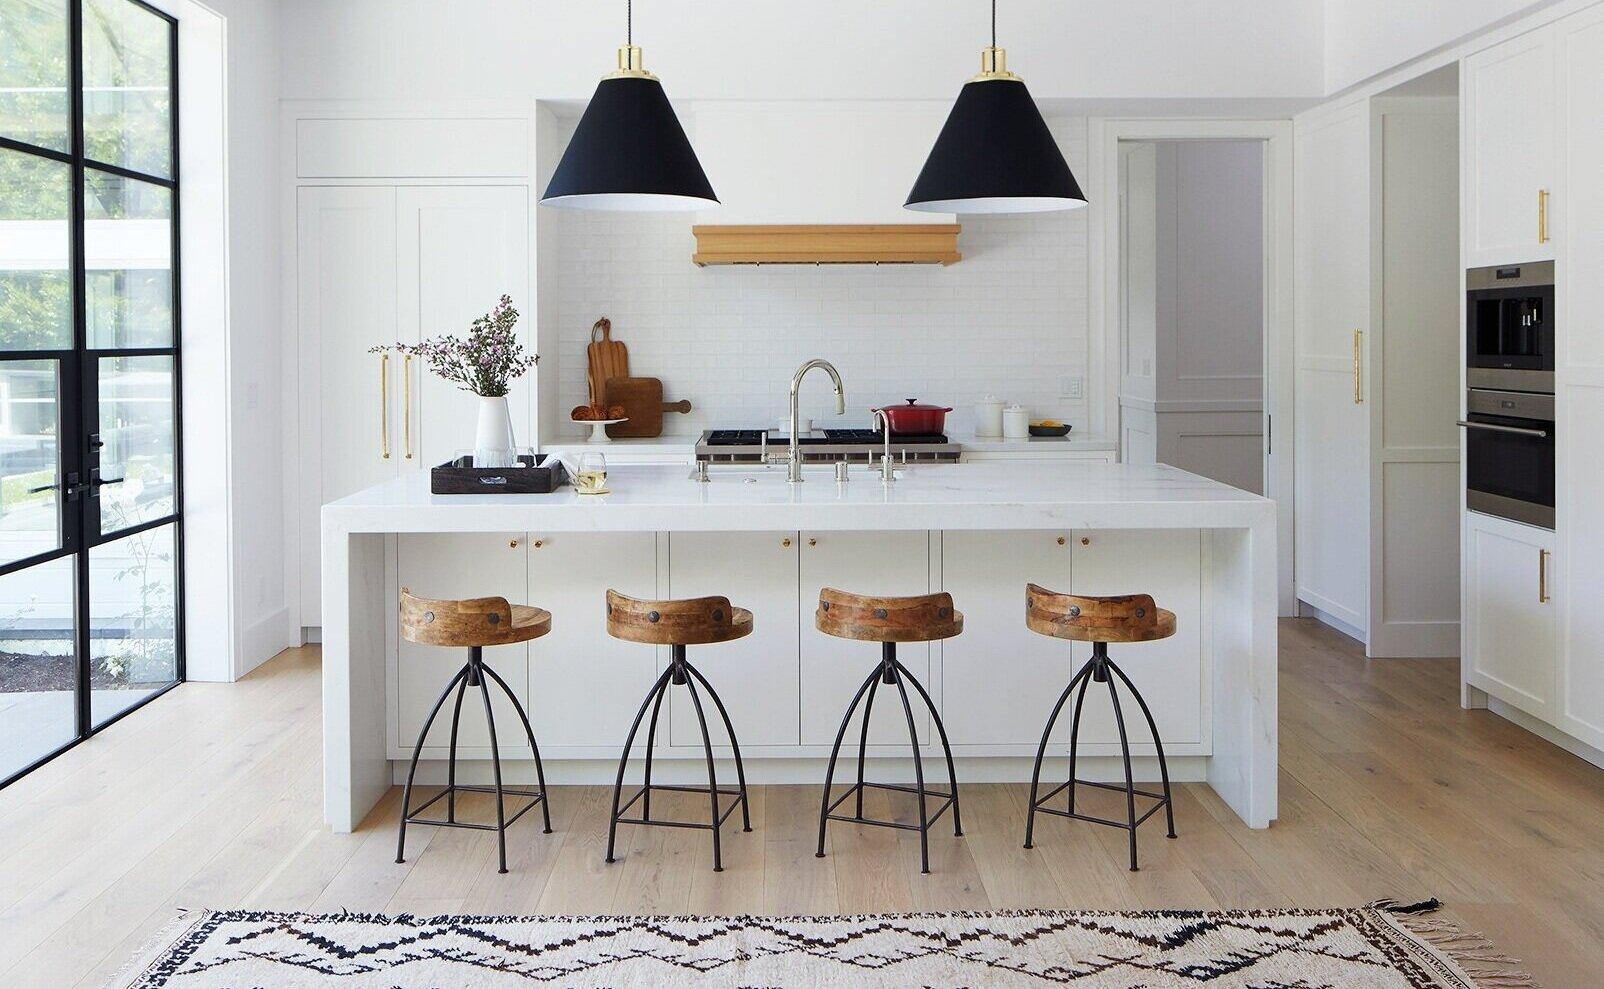 MF_Kitchen1.jpg